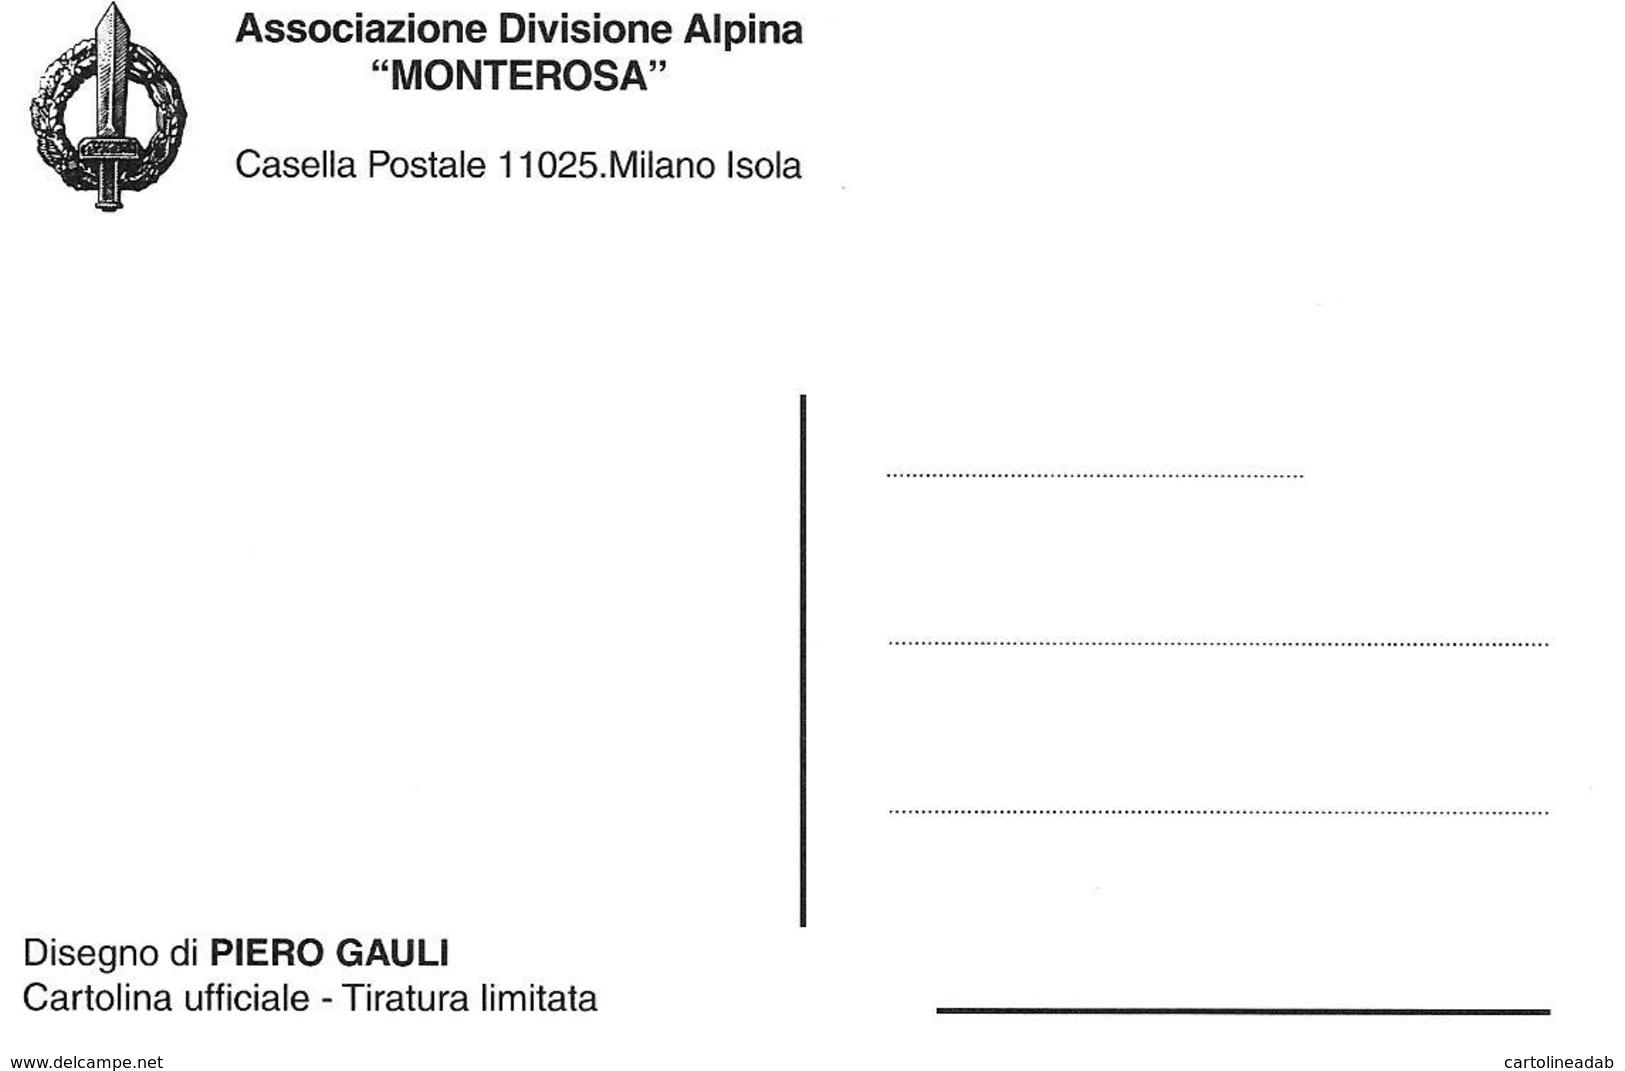 [MD2750] CPM - ASSOCIAZIONE DIVISIONE ALPINA MONTEROSA - DIS. PIERO GAULI - TIRATURA LIMITATA - NV - Regiments